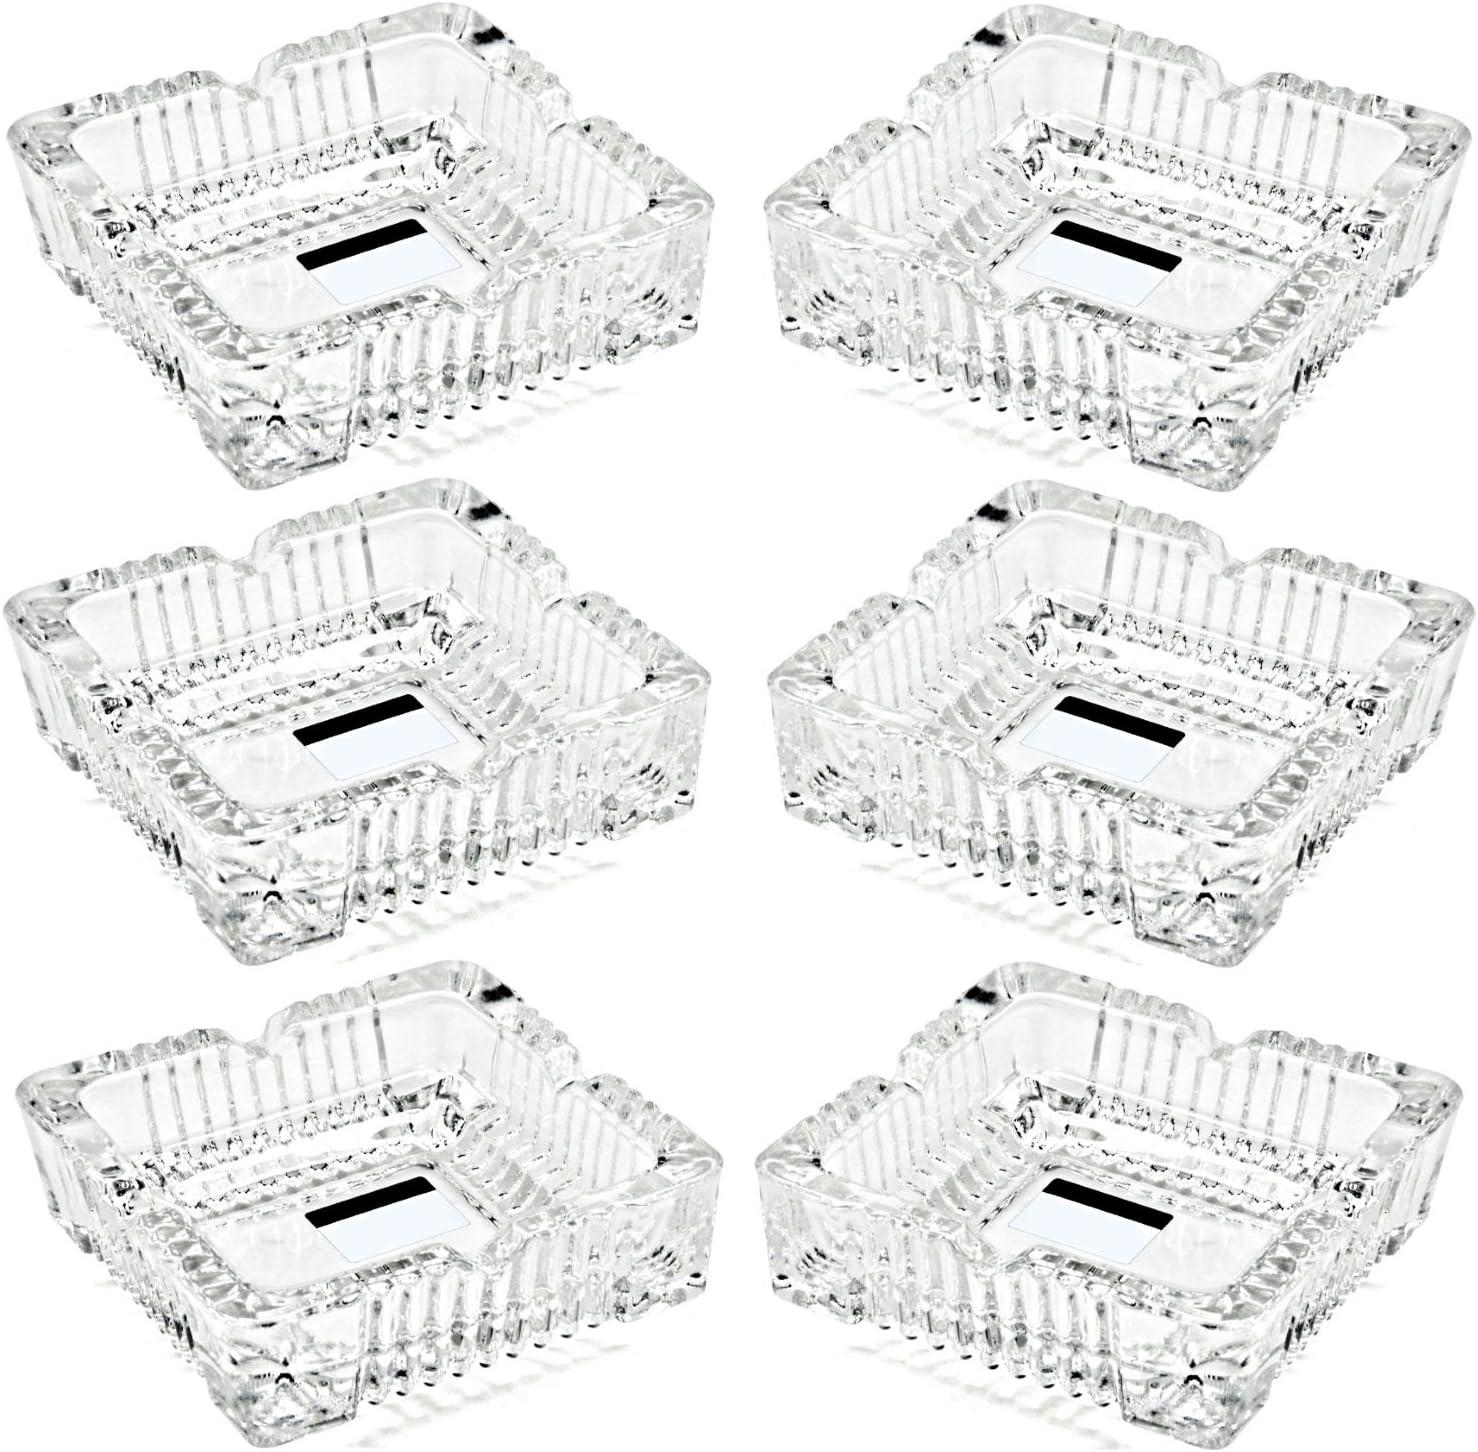 6 ceniceros de cristal Cenicero cuadrado de exterior | Apilable | Resistente al calor | Con 4 estantes | Apto para lavavajillas